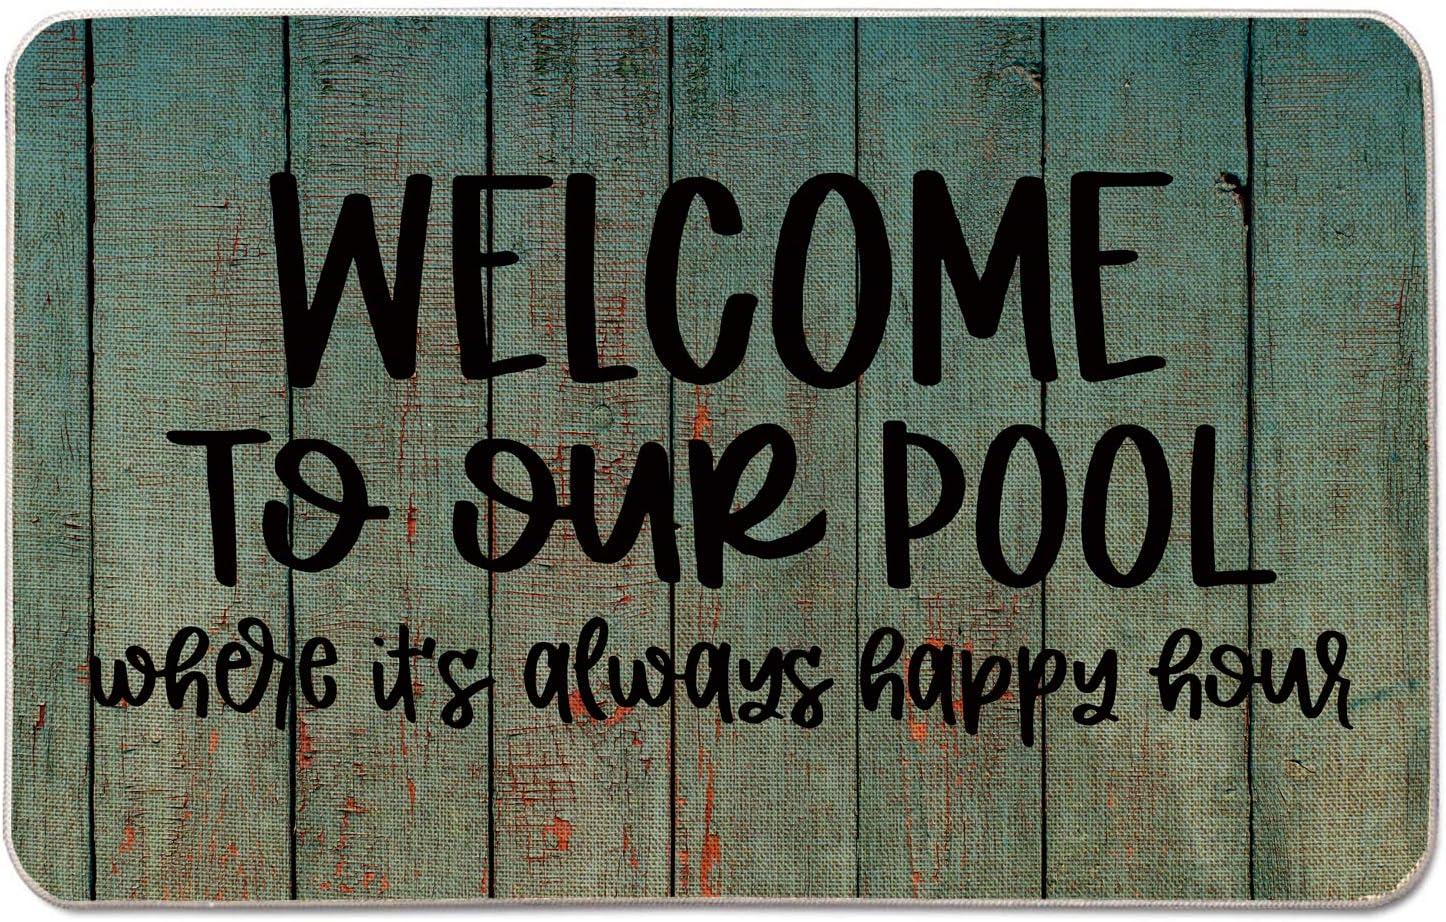 Occdesign Welcome Mat for Front Door Farmhouse Rustic Decorative Entryway Outdoor Floor Doormat Durable Burlap Outdoor Rug   Welcome to Our Pool